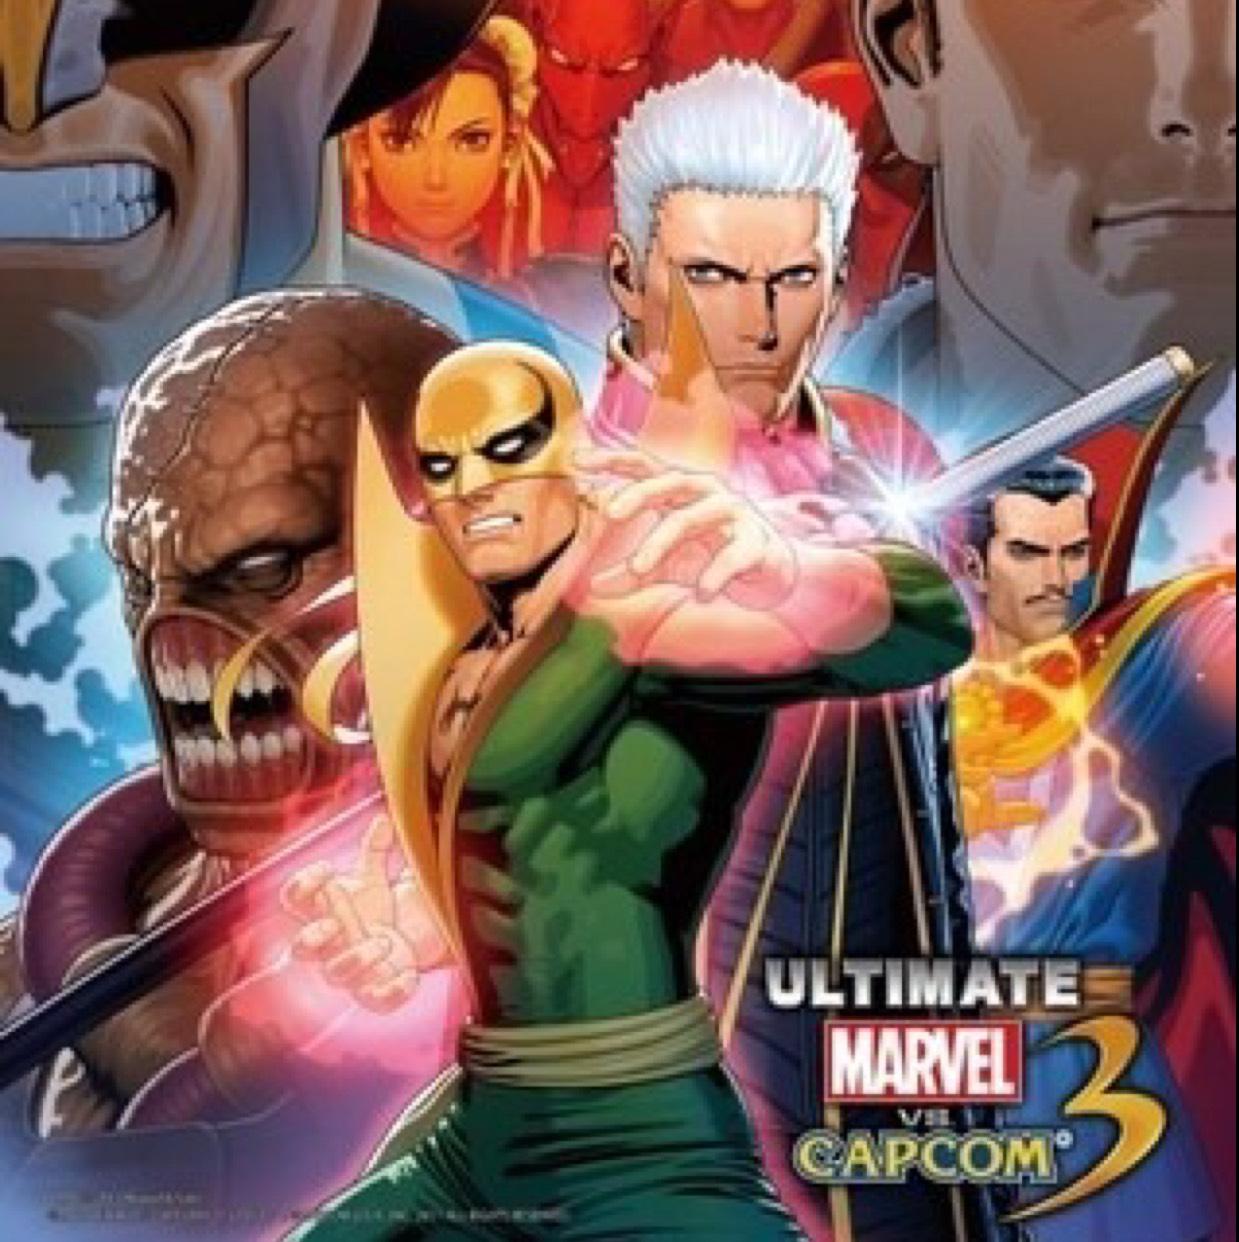 Ultimate Capcom vs Marvel 3 sur PC (Dématérialisé - Steam) + A Bastard's Tale Offert